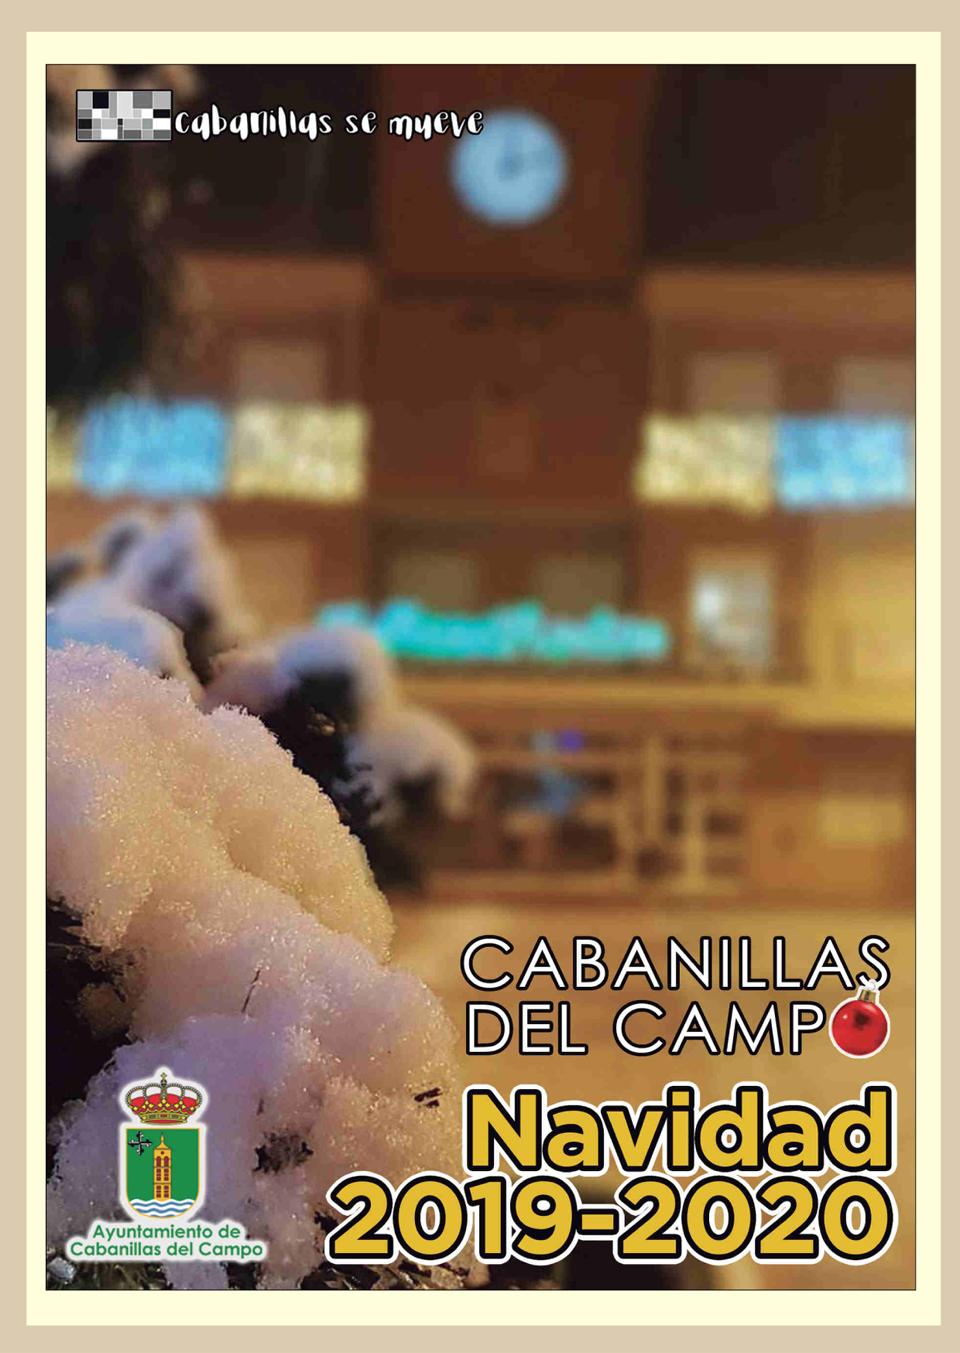 Programa Navidad Cabanillas del Campo 2019